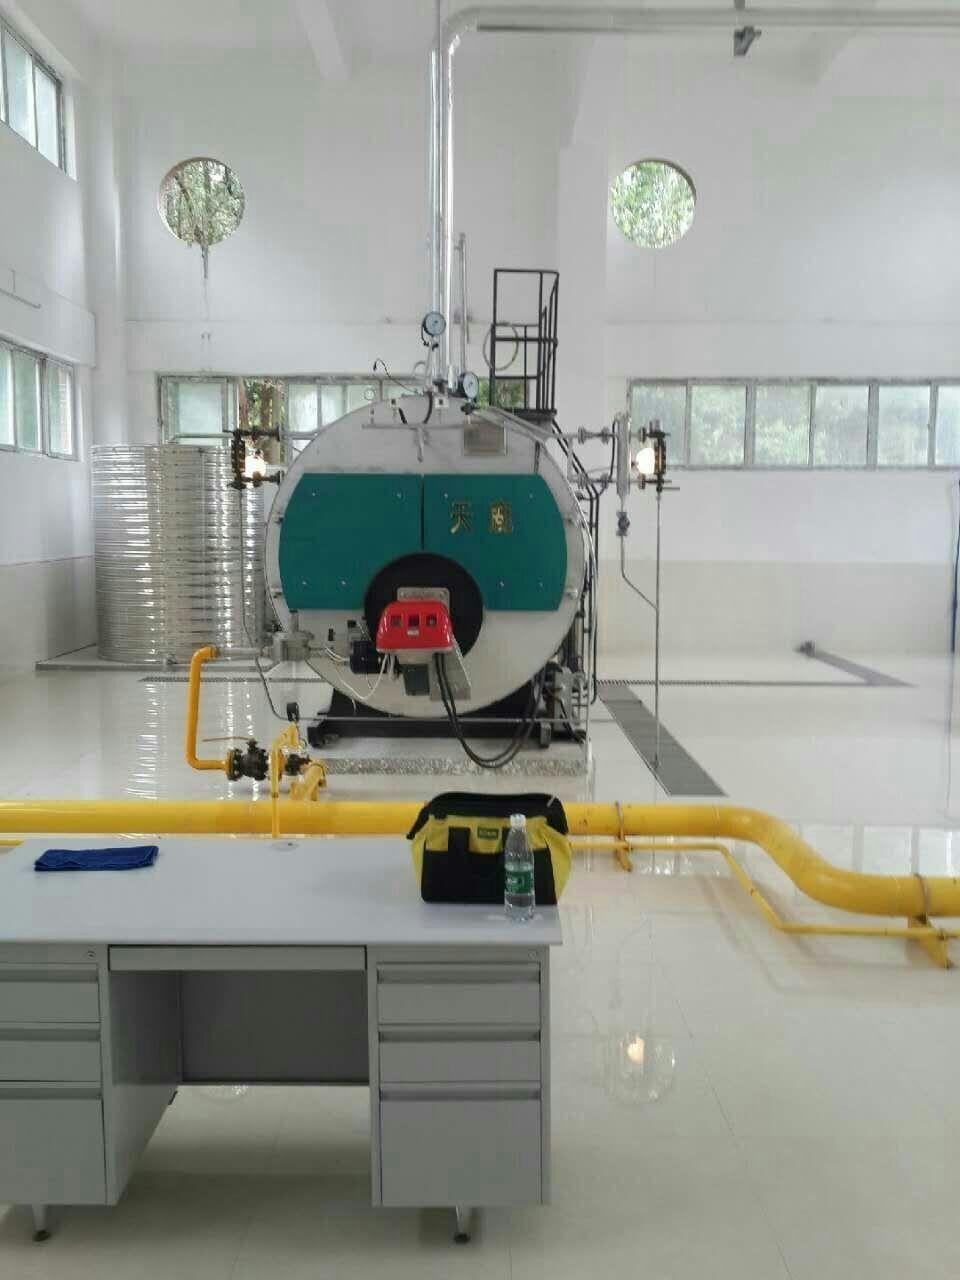 蒸汽锅炉 东莞燃气蒸汽锅炉  东莞锅炉厂家 惠州燃气蒸汽锅炉